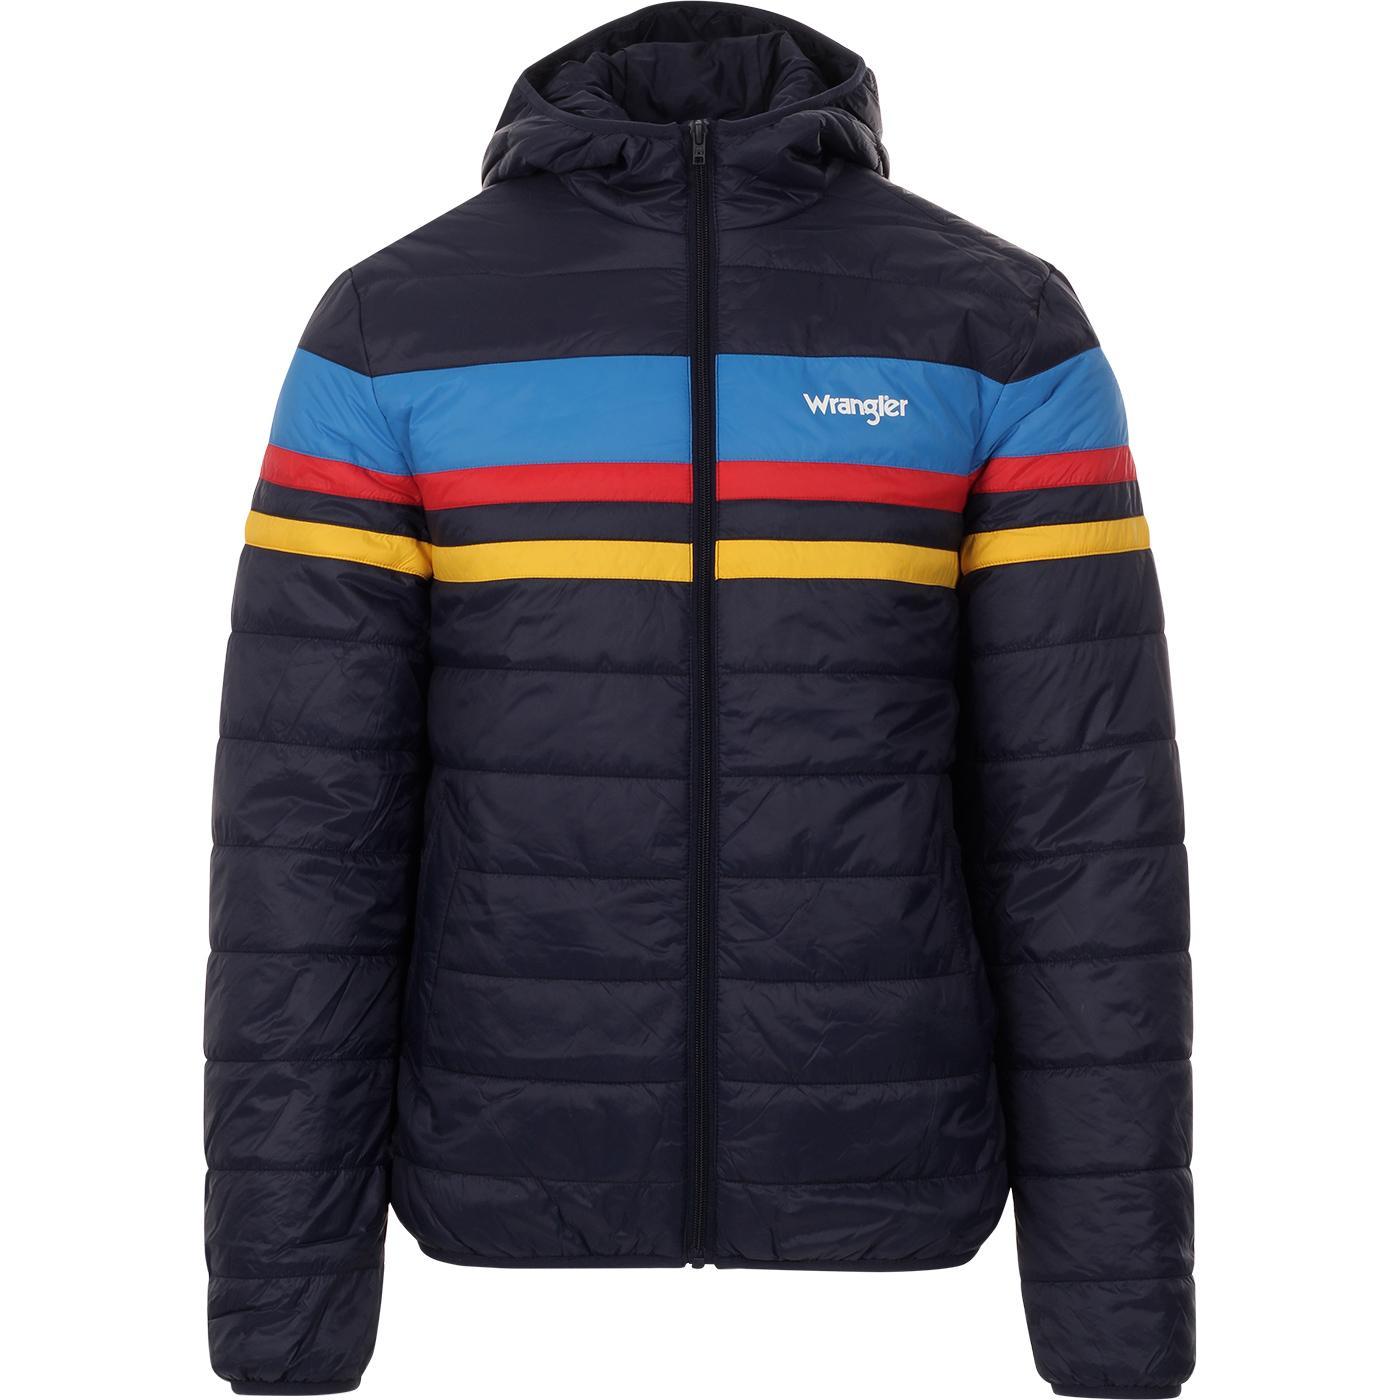 WRANGLER Retro 70s Rainbow Puffer Jacket (Navy)